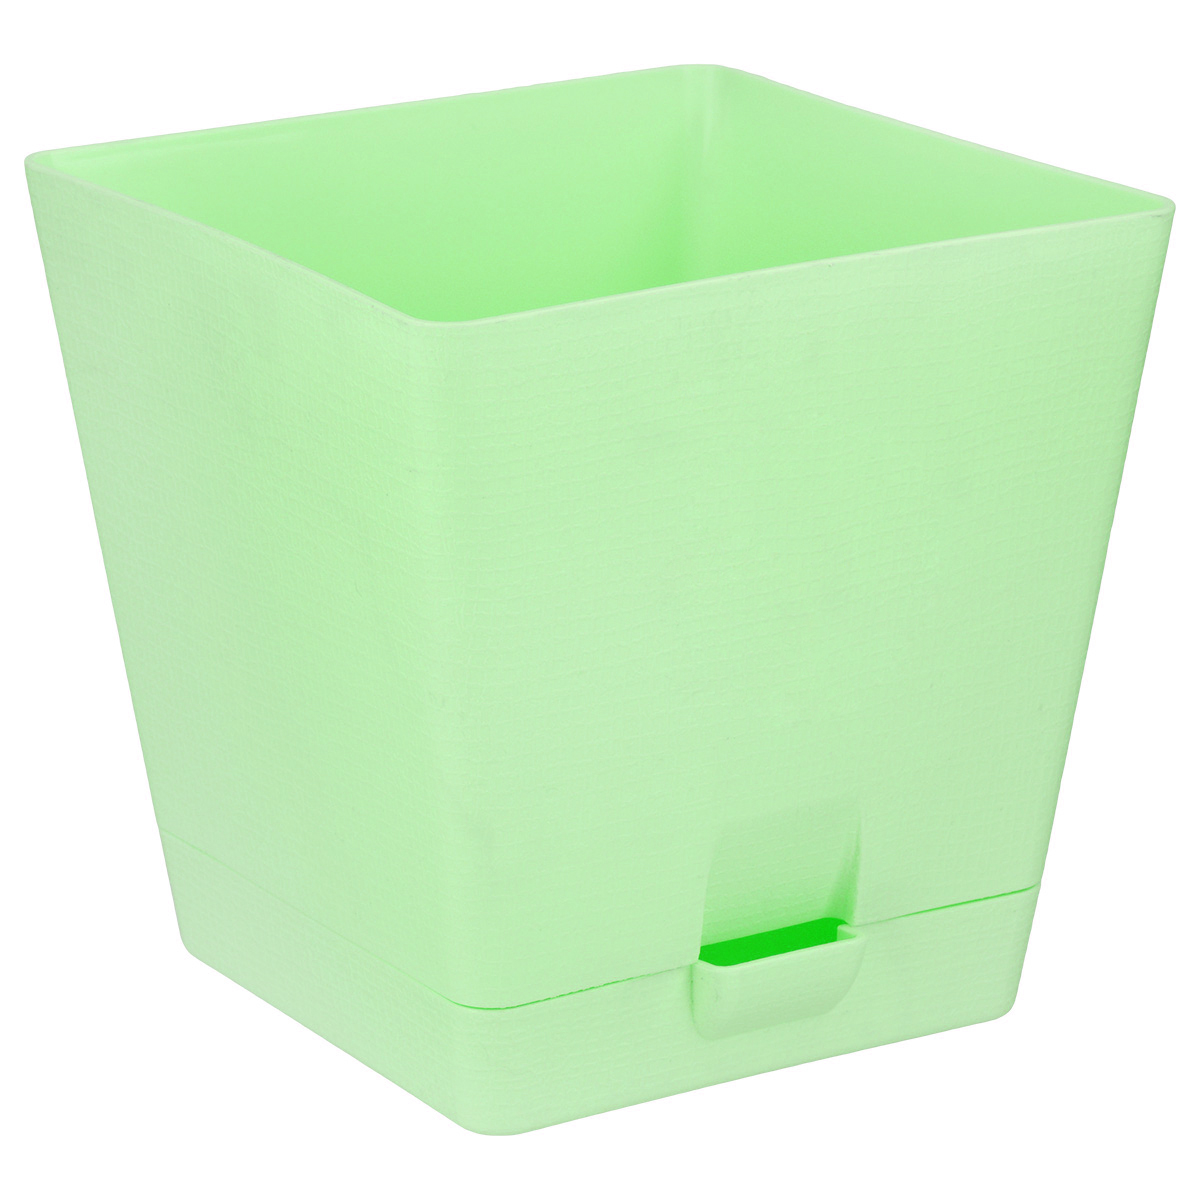 Горшок для цветов Le Parterre, с поддоном, цвет: светло-зеленый, 3 л тек а тек горшок с поддоном le parterre 2 л 30х11 5х11 см см пластик зеленый s t azyyj